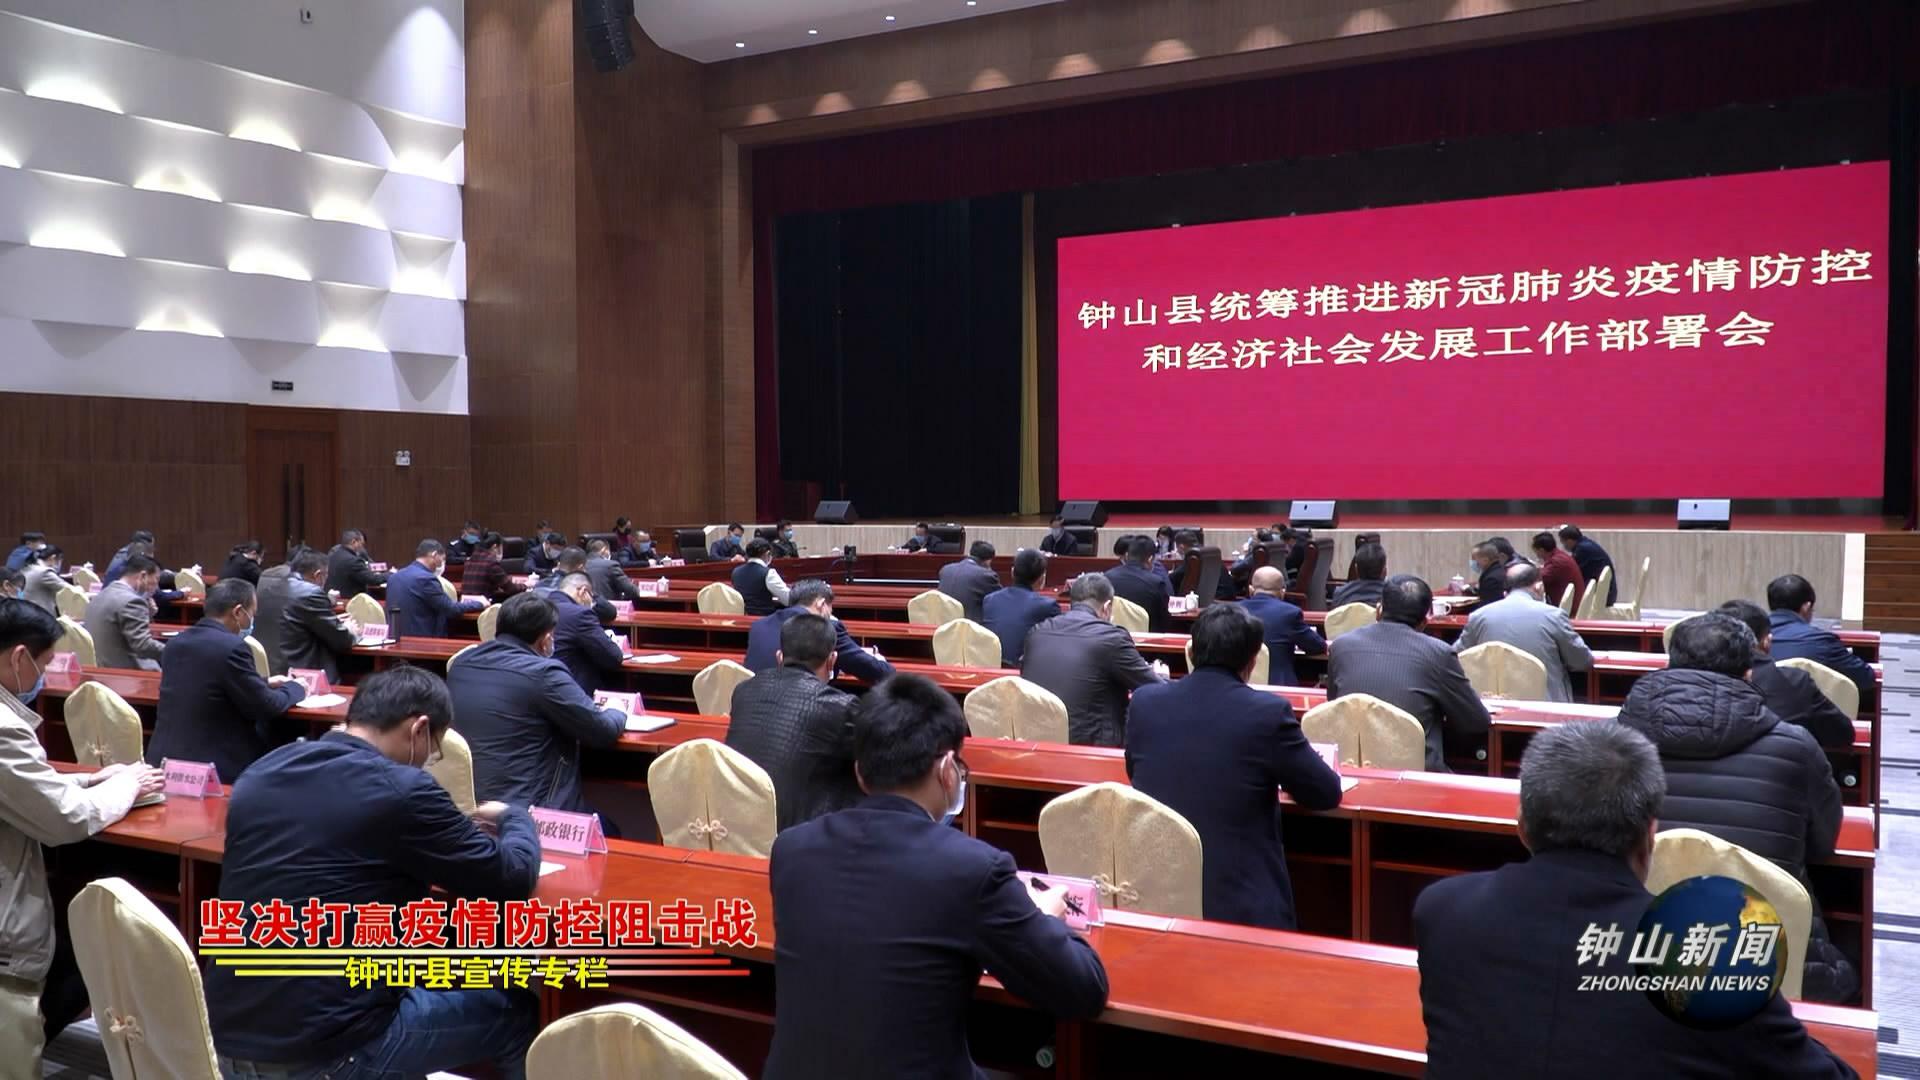 钟山县统筹推进新冠肺炎疫情防控和经济社会发展工作 部署会召开